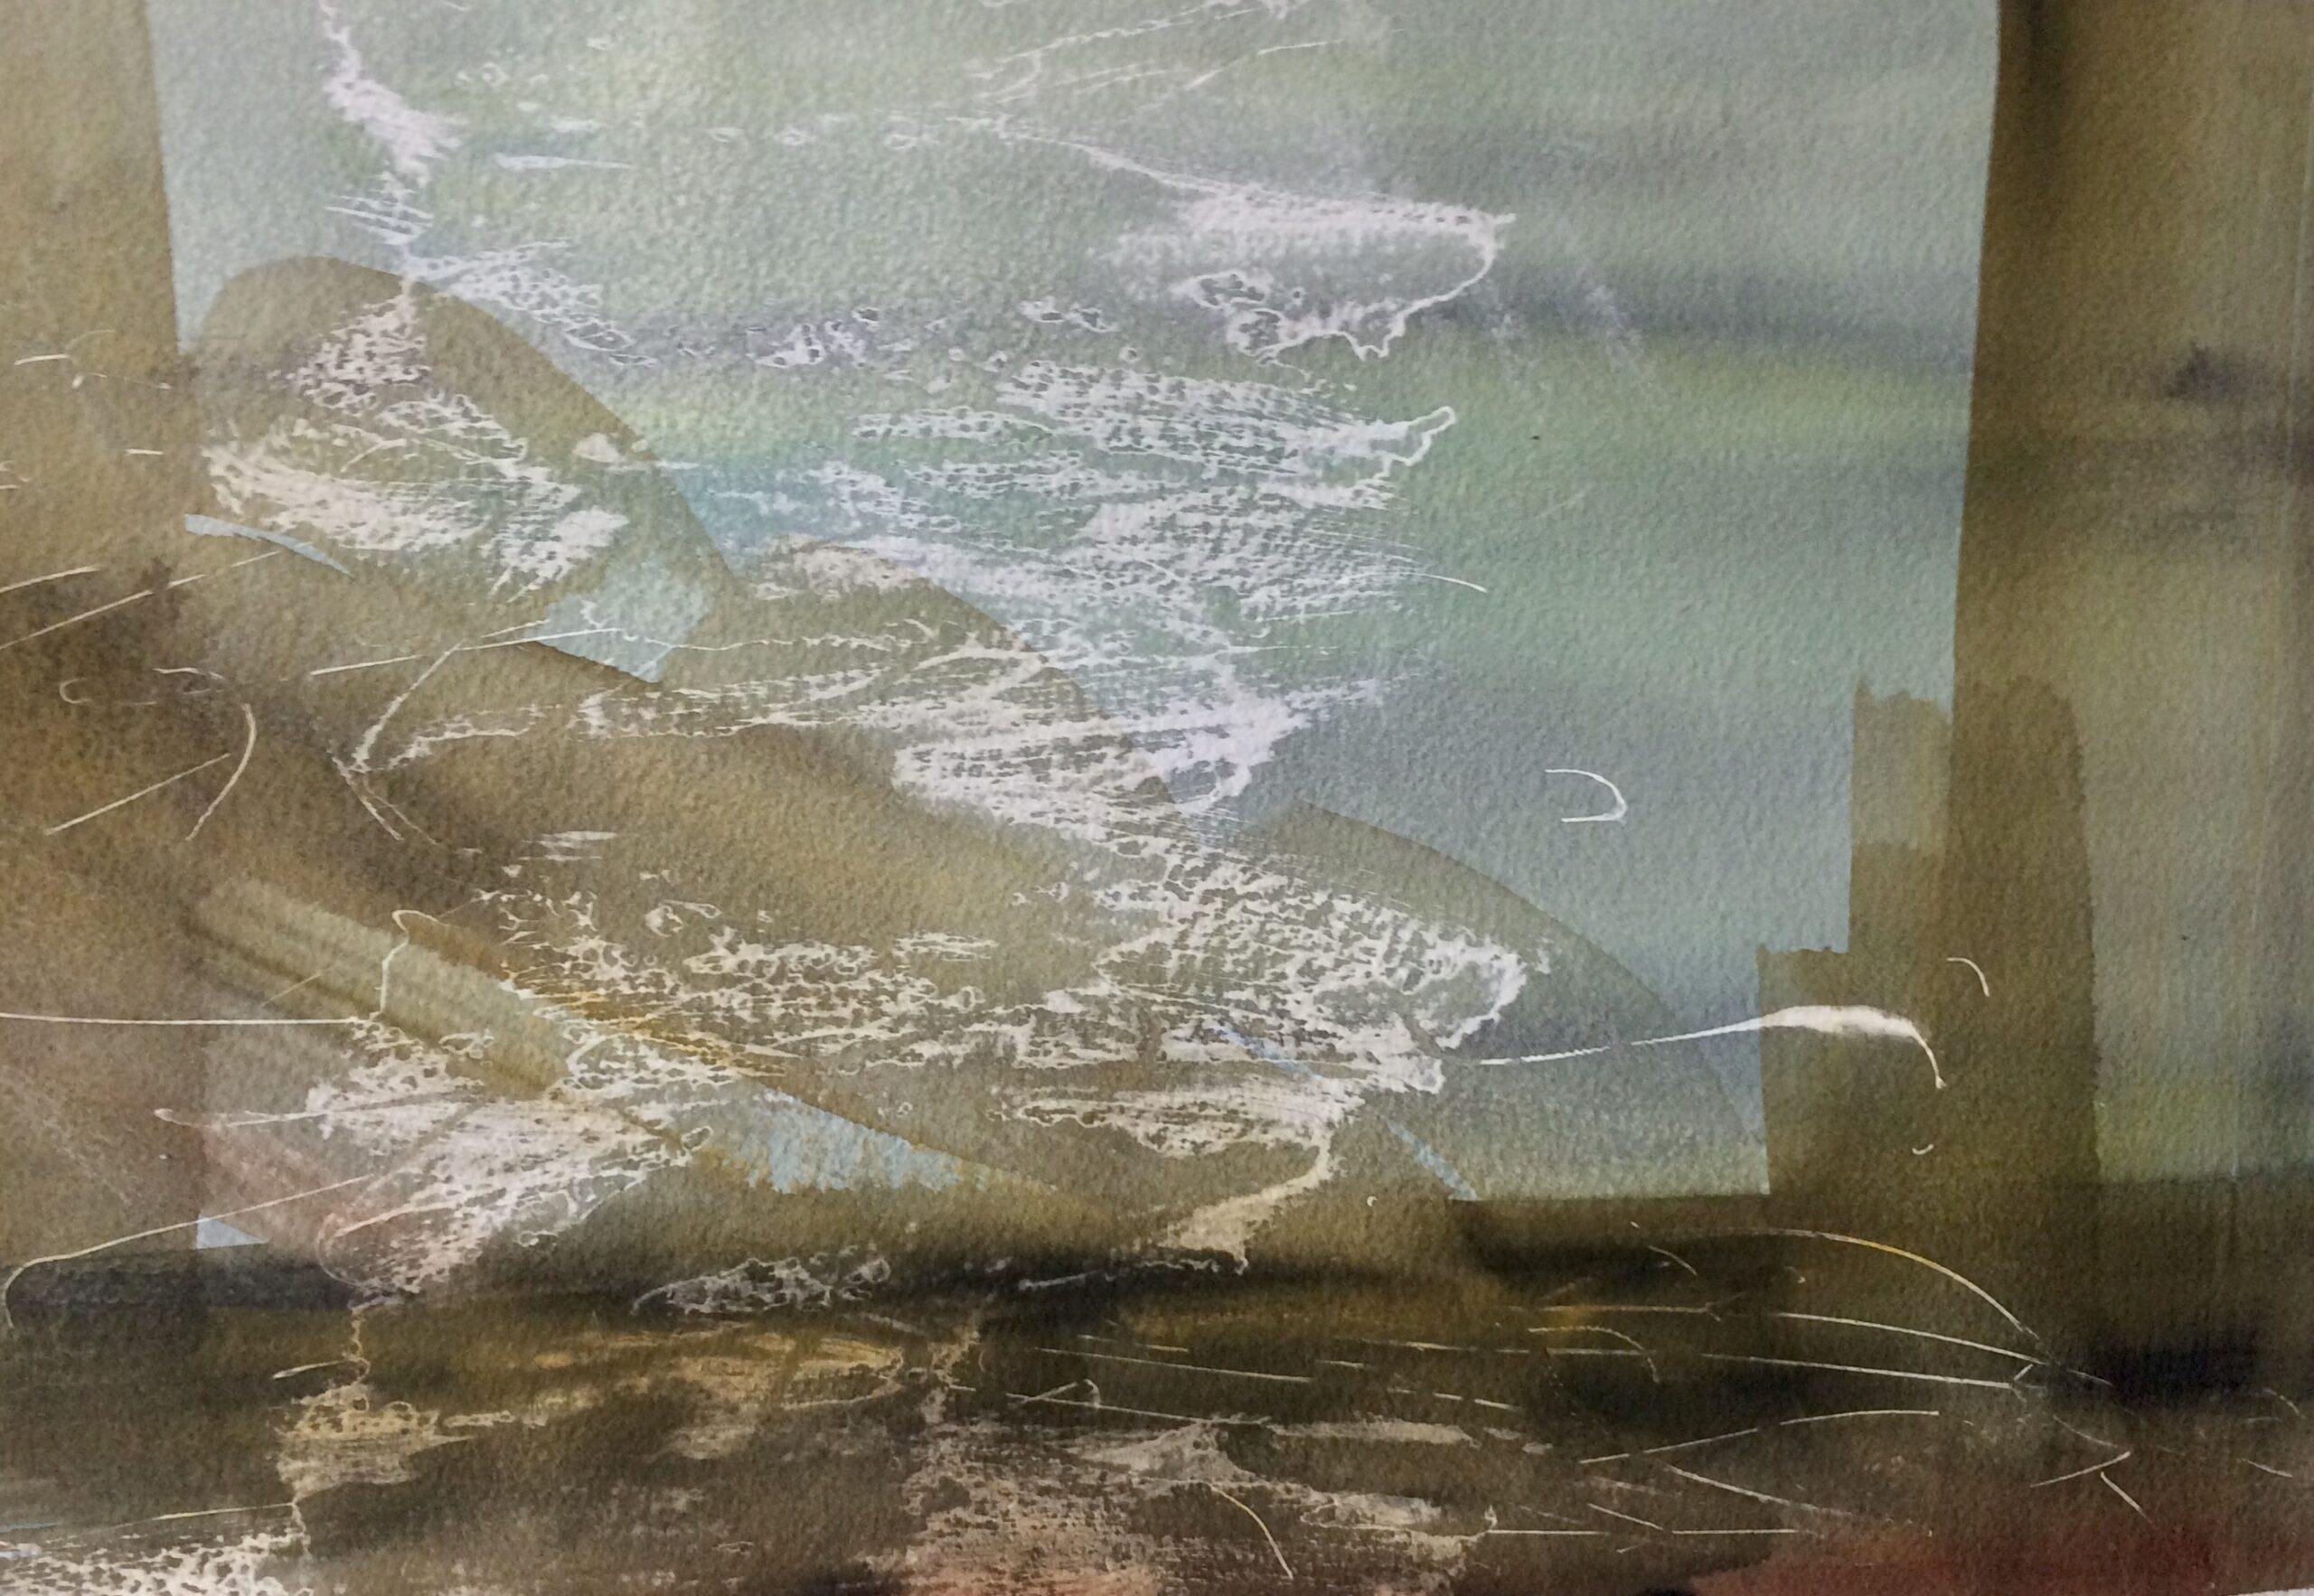 Akryl og akvarel. Eksperimentelt. Hanne Ohlsen